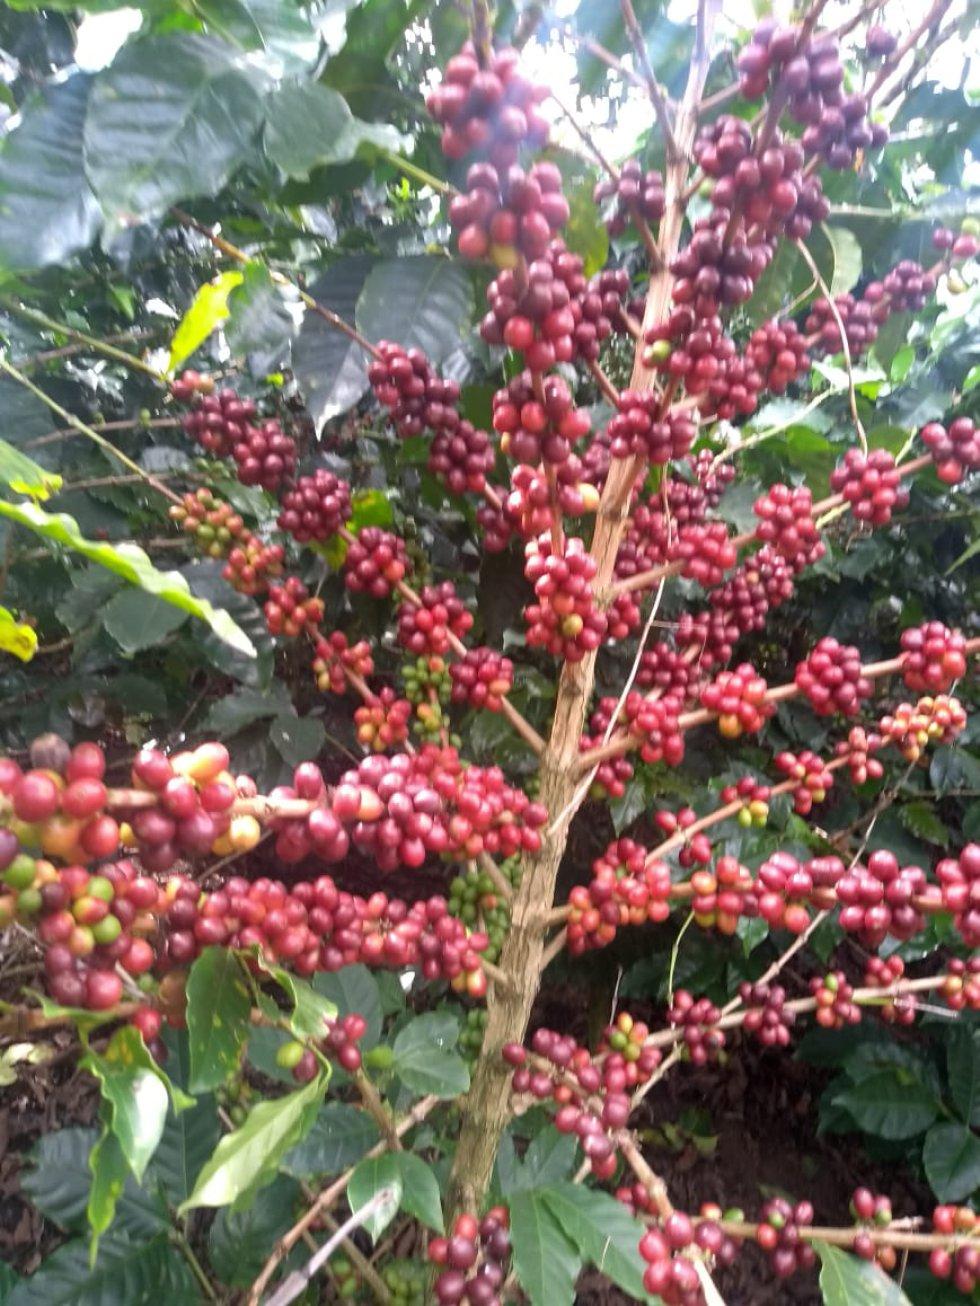 Los palos de café maduro